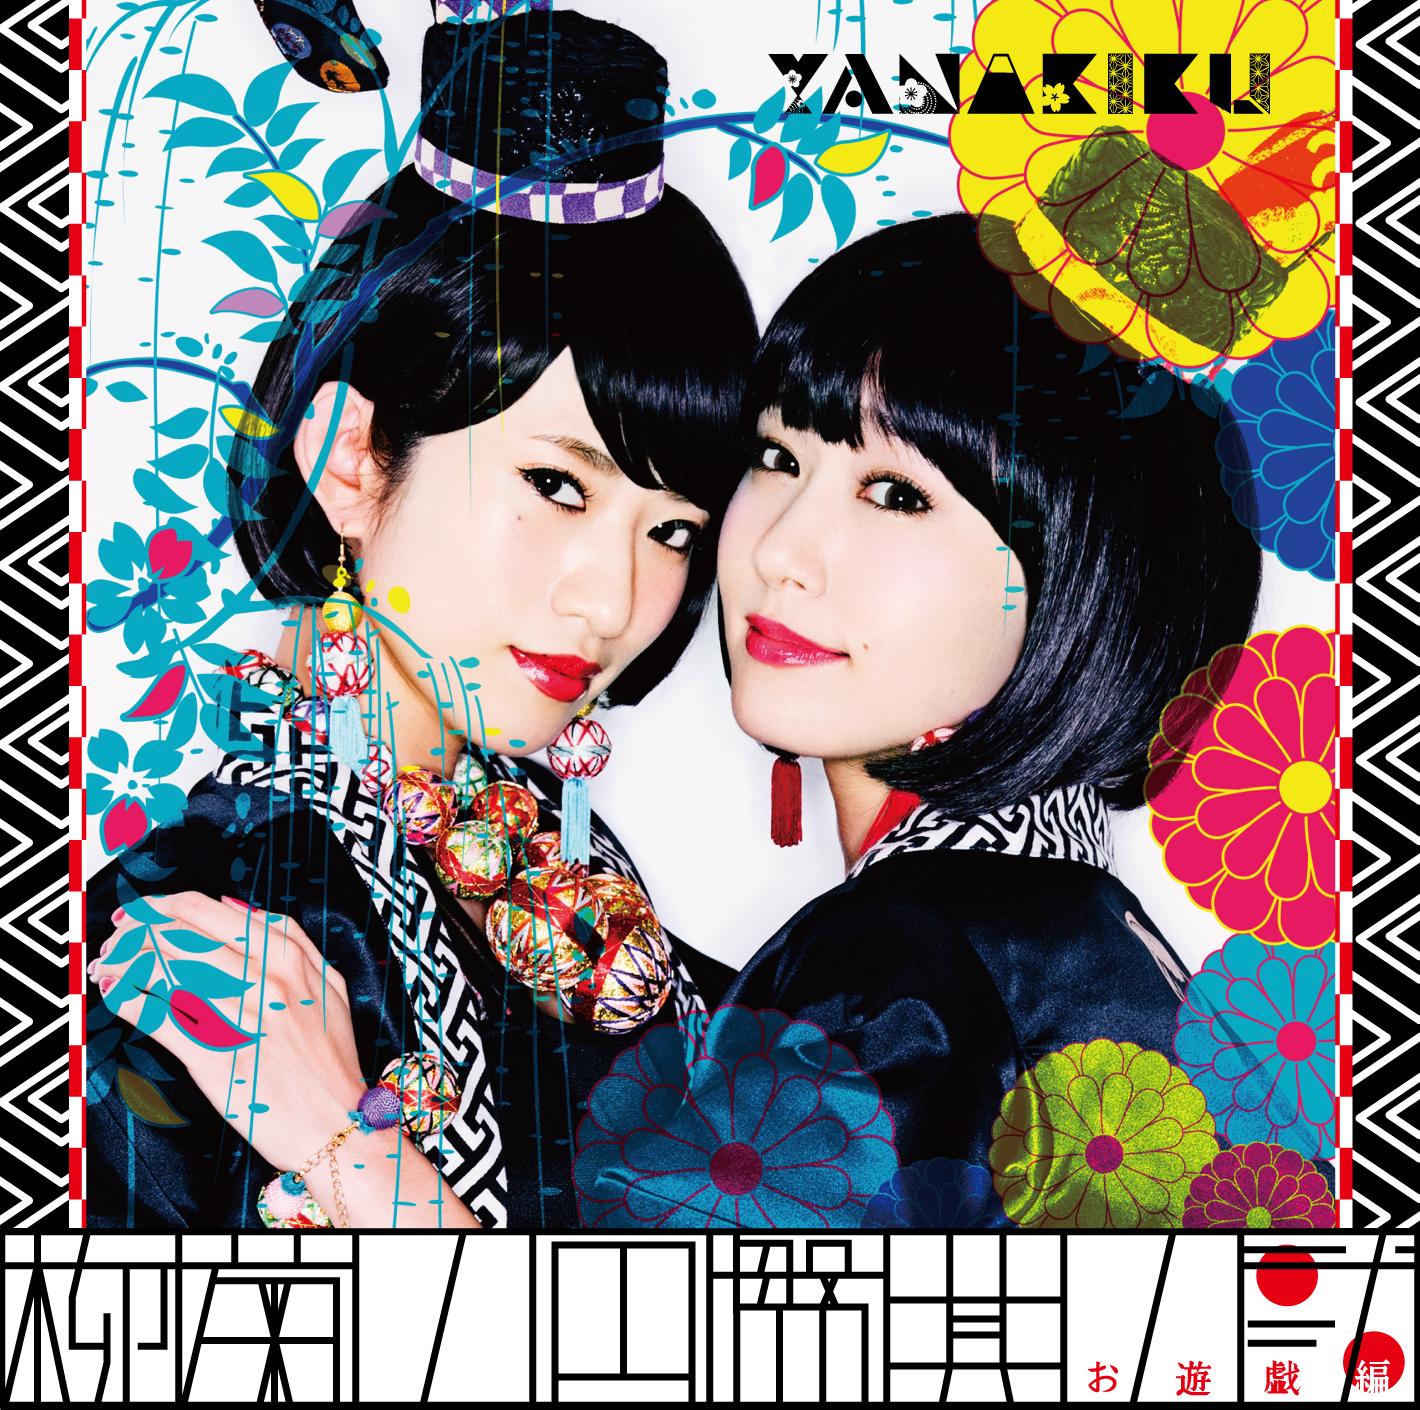 NekoPOP-YANAKIKU-Yanakiku-no-Enban-Sono-no-Ni-O-Yuugi-hen-jacket1